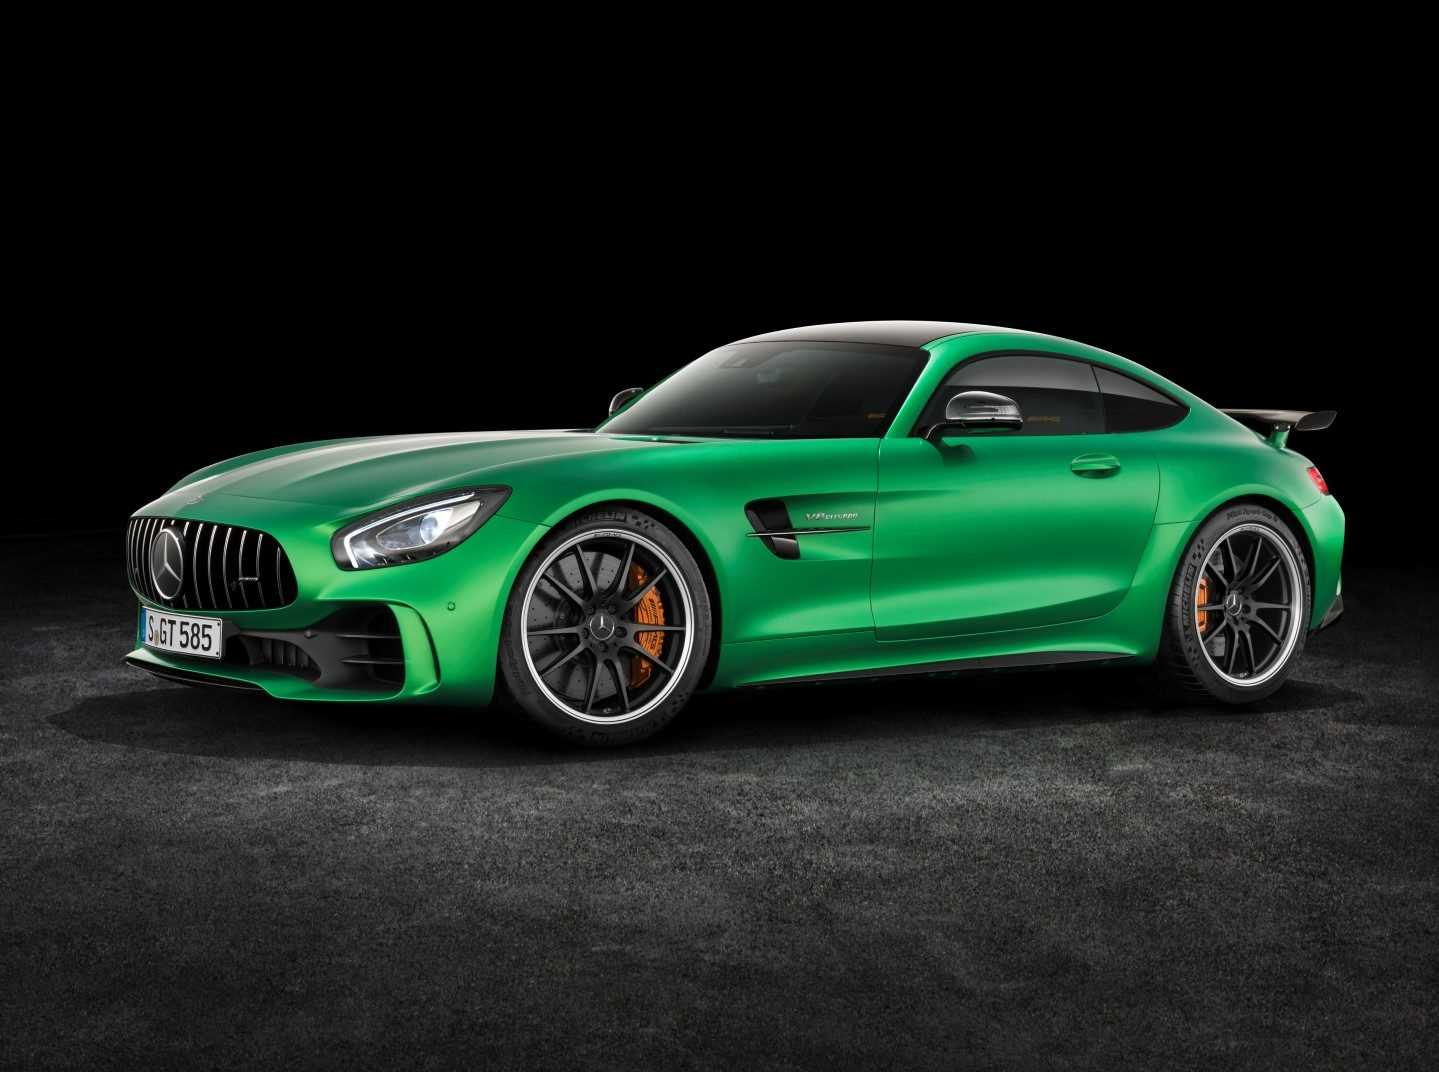 Mercedes-AMG GT R 2016